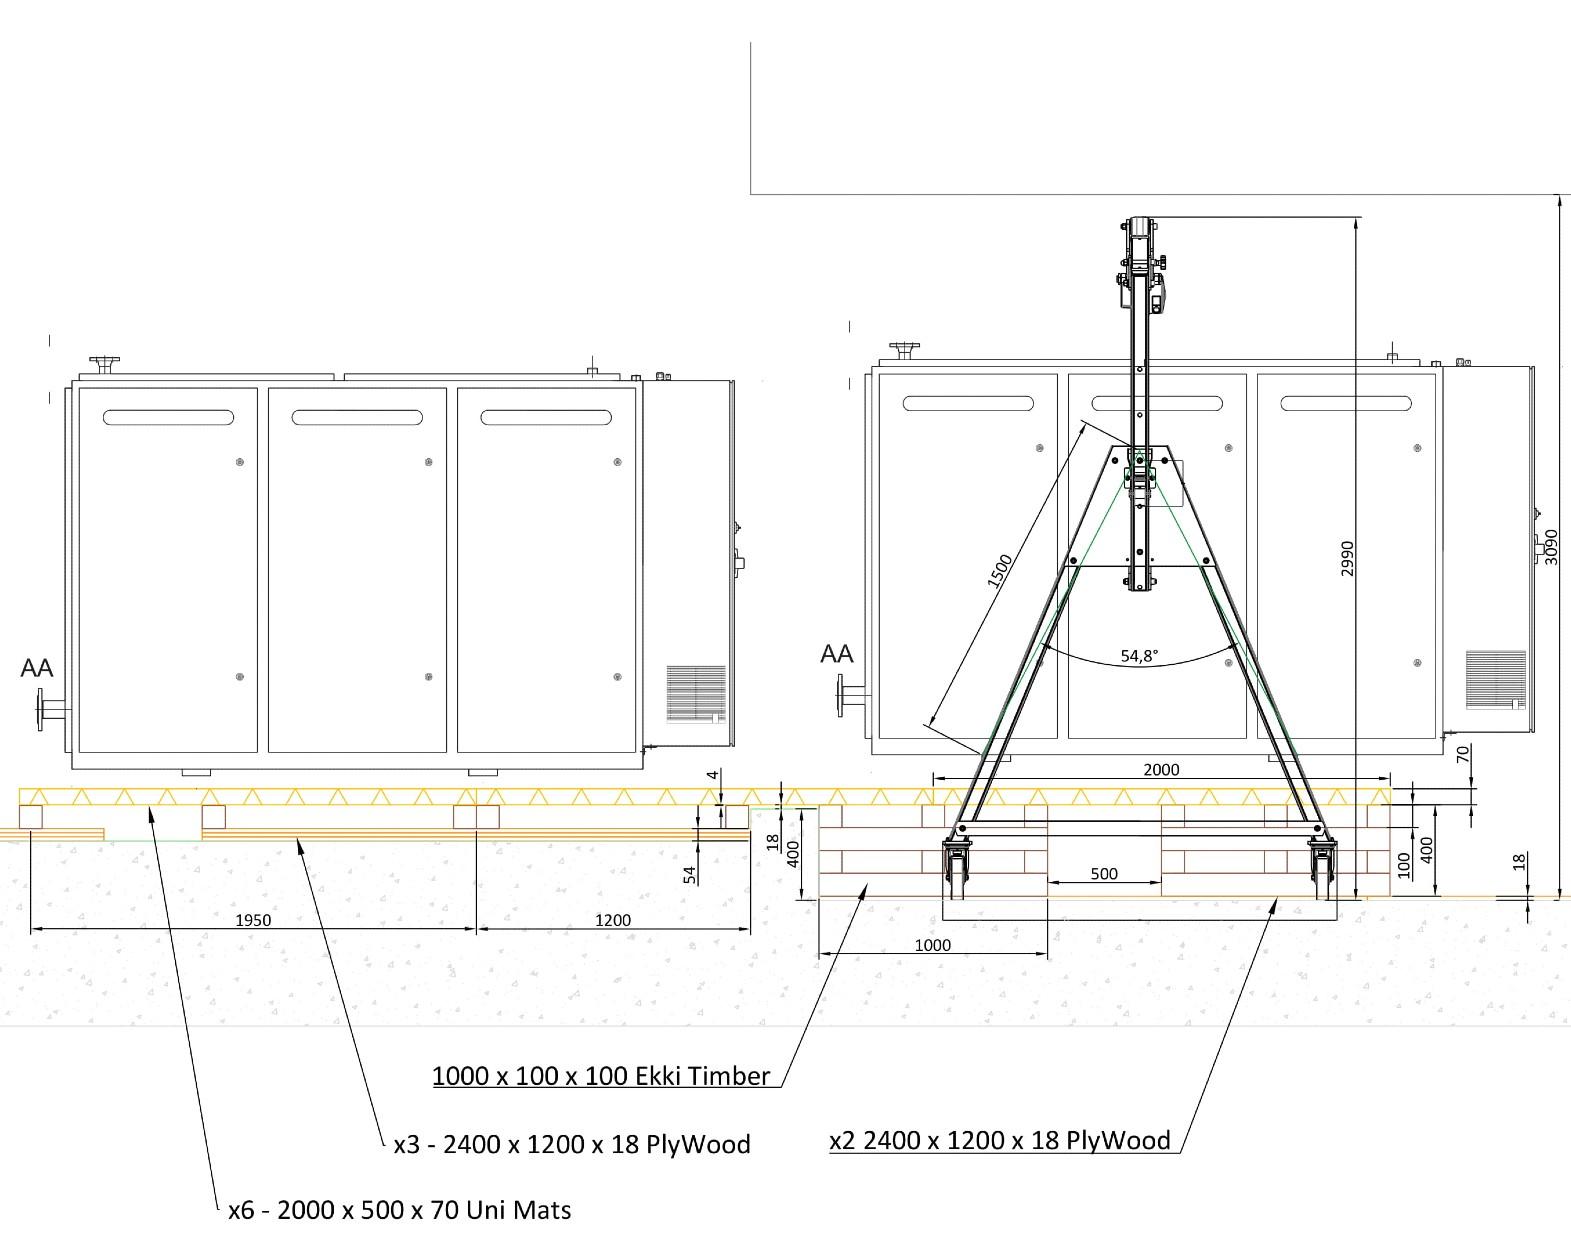 MCH-DL-CBS-GFT-CHP-001-1 (1)